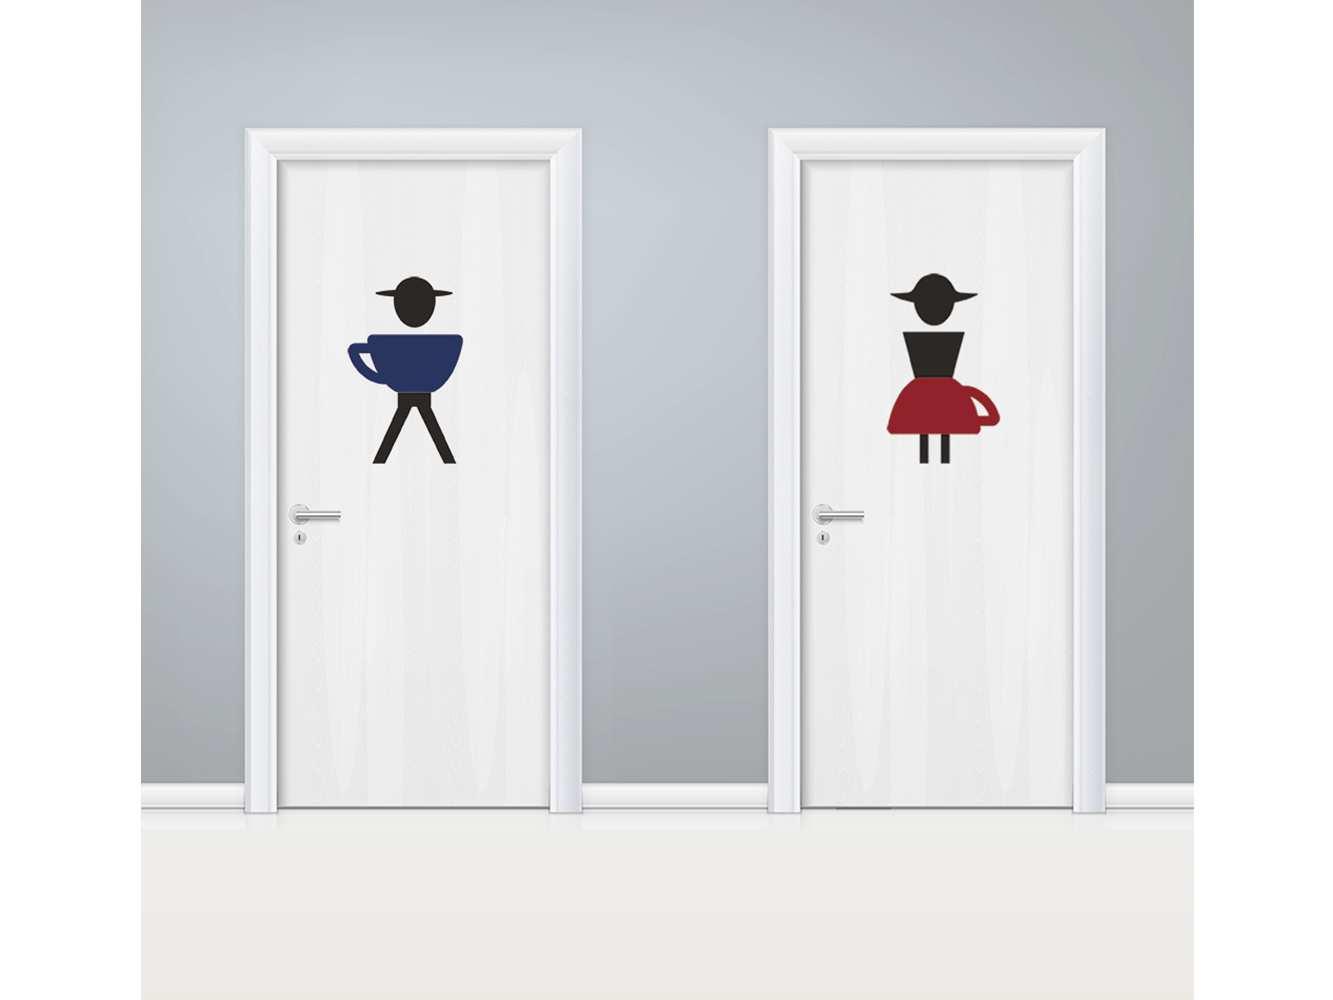 Vinilo Puerta WC Tazas Masculino y Femenino | Carteles XXL - Impresión carteleria publicitaria